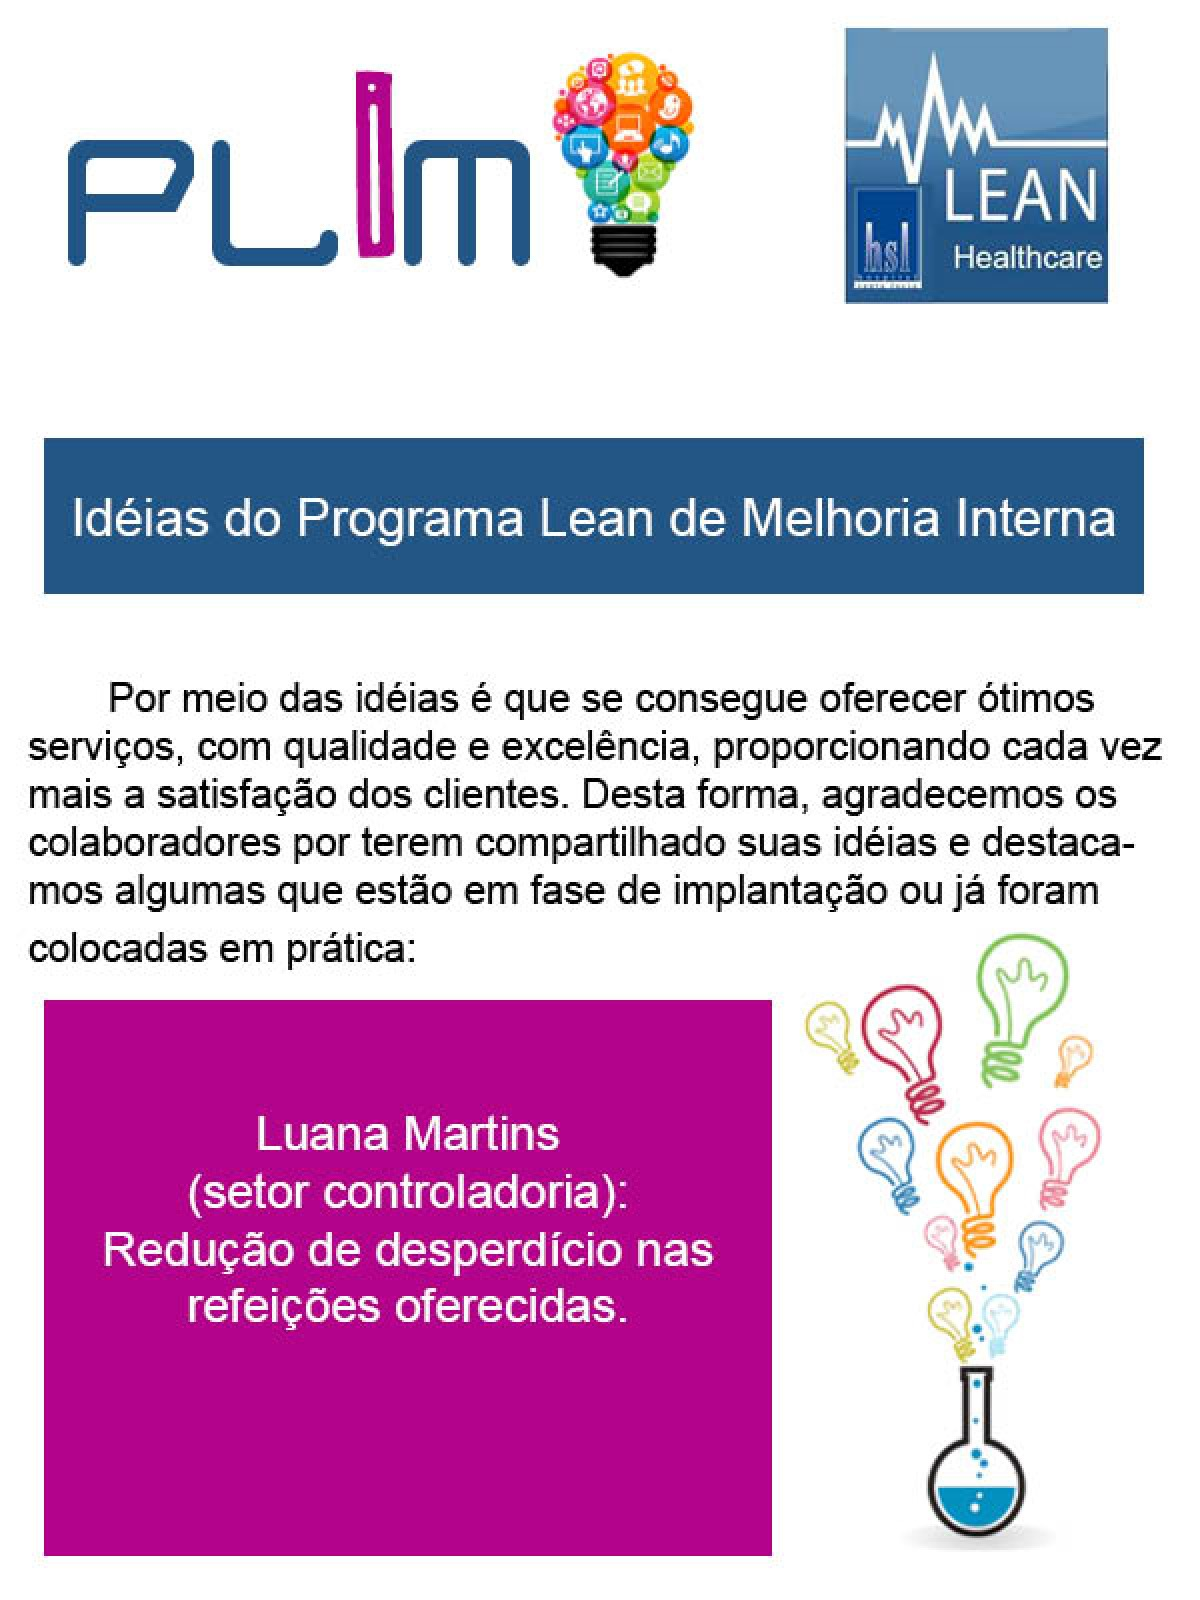 Idéias do Programa Lean de Melhoria Interna 7